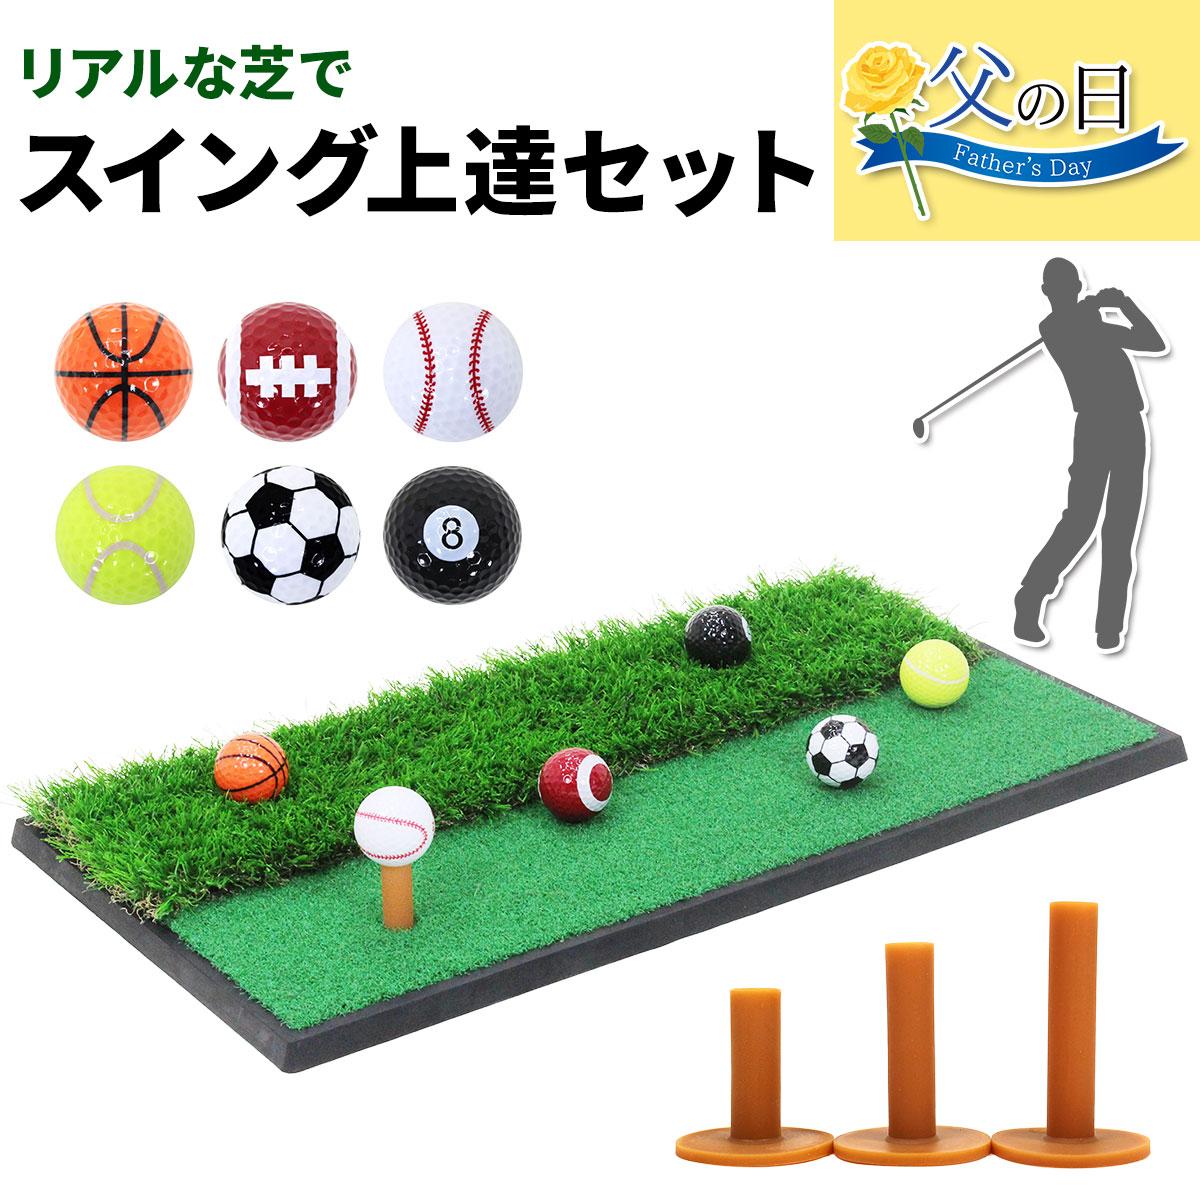 【父の日】 プレゼント ゴルフ マット 練習用 33*62cm ゴムティー ゴルフボール ギフト セット